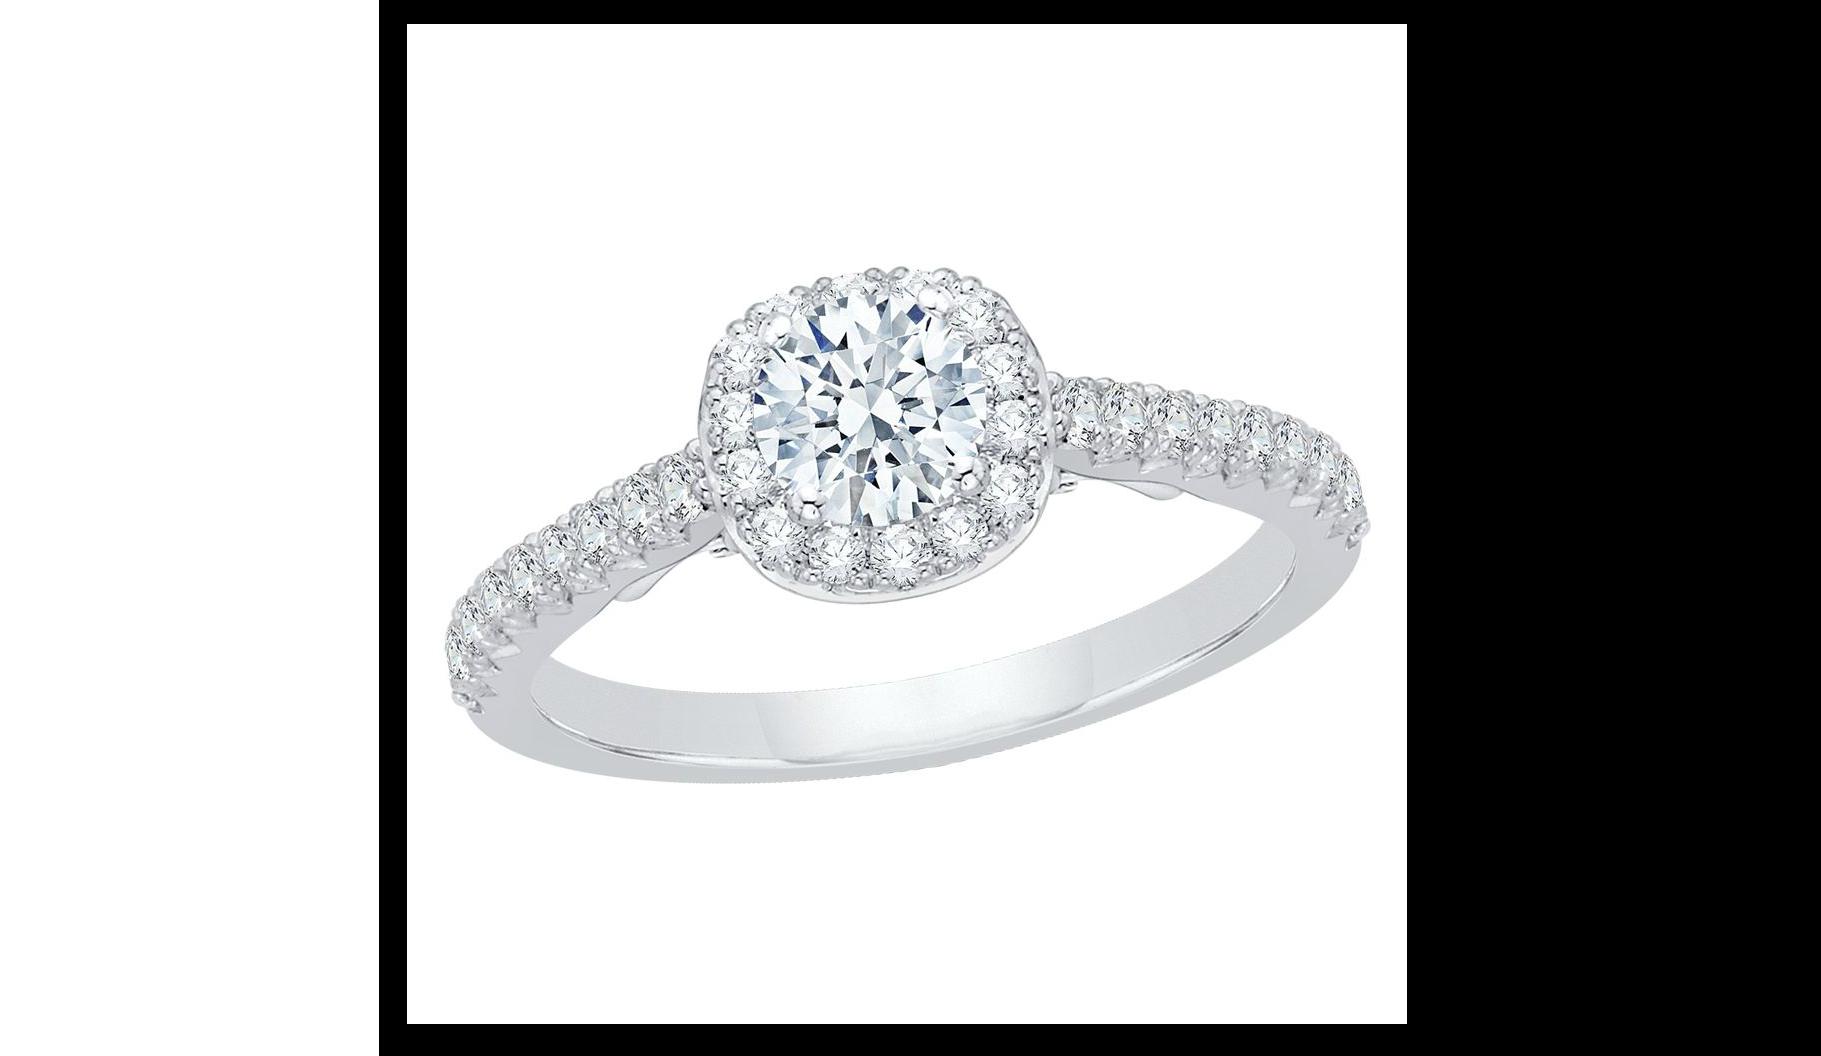 PROMEZZA engagement ring